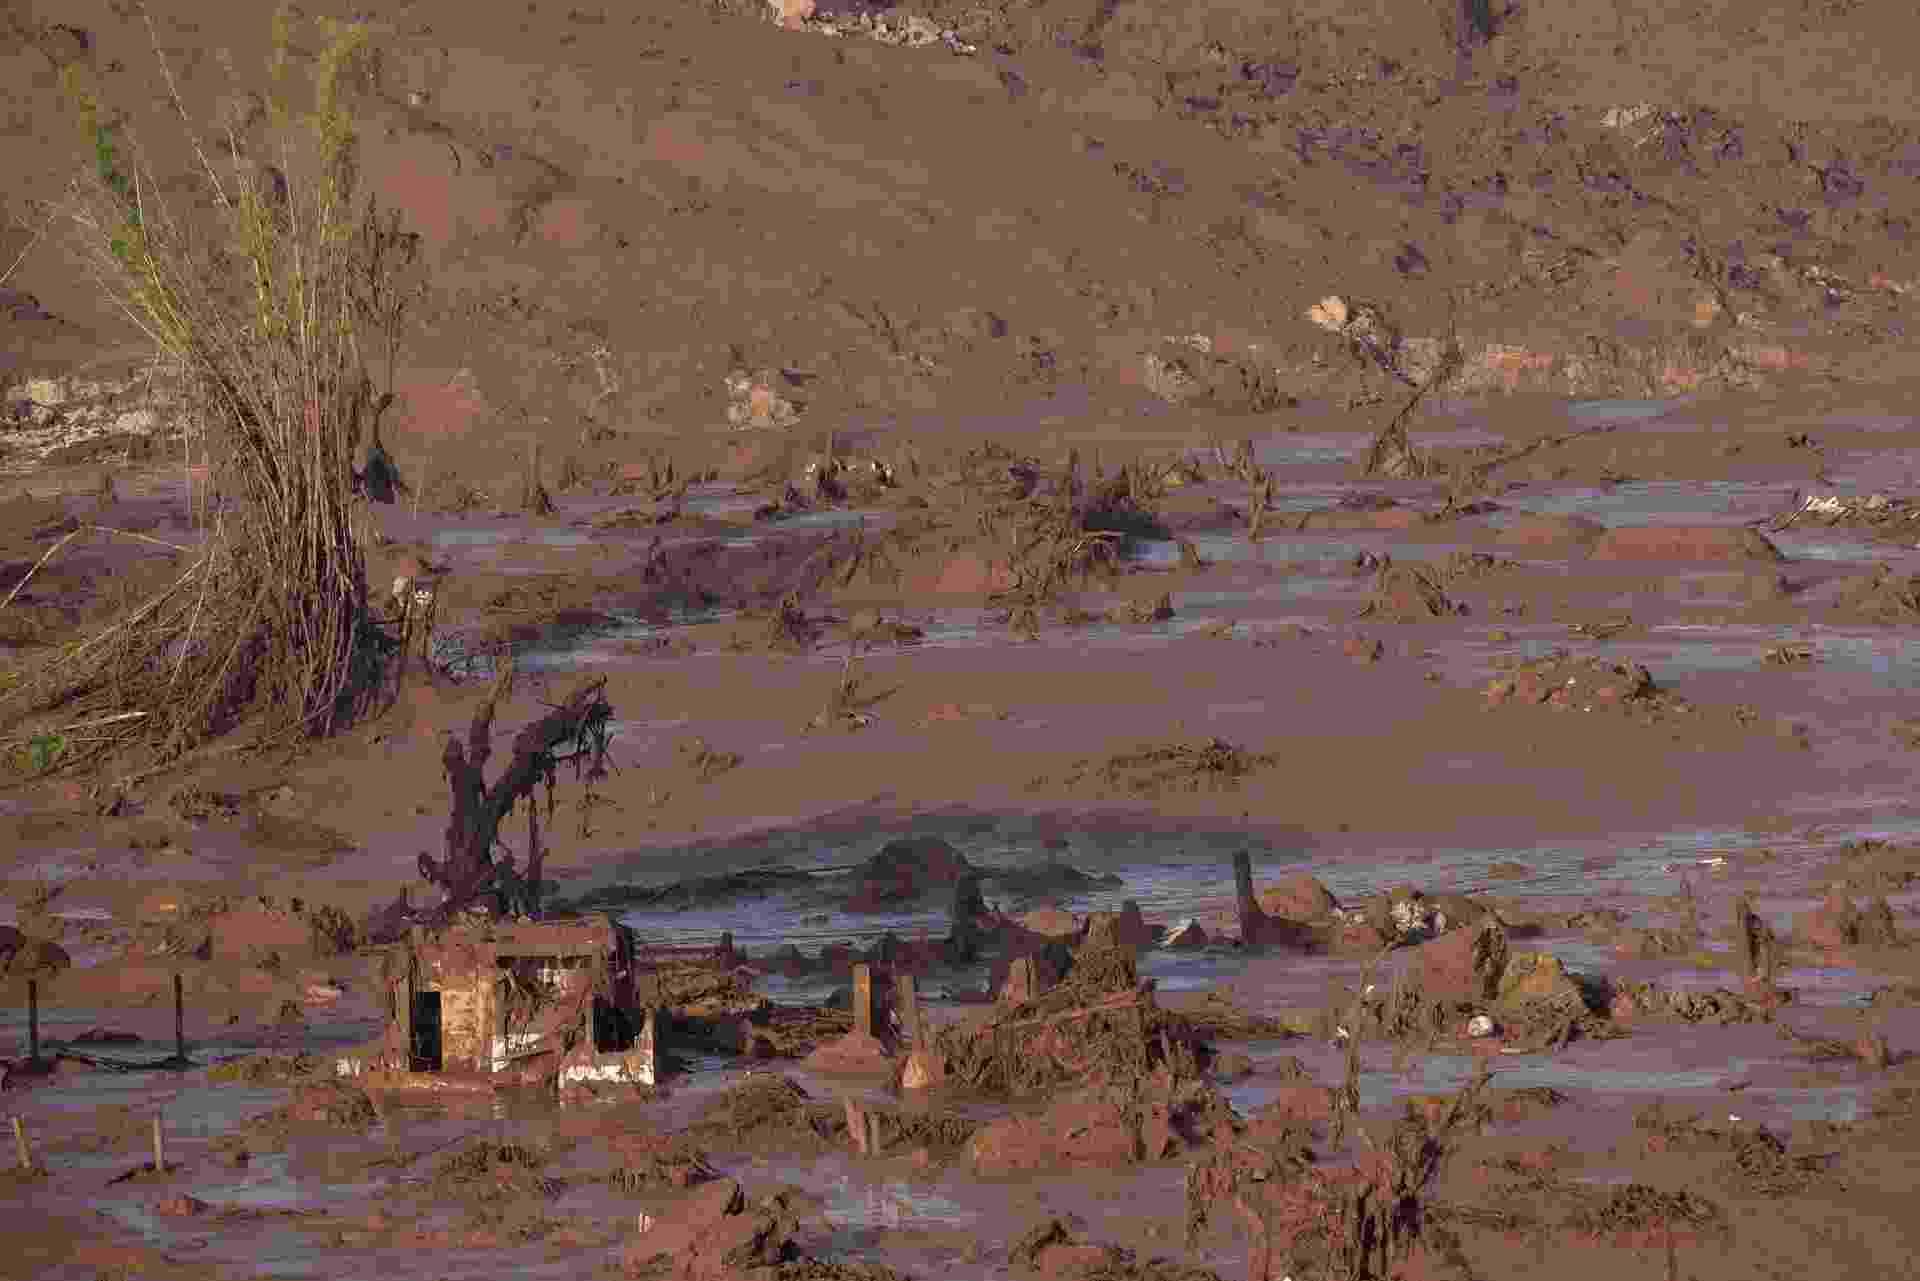 6.nov.2015 - O rompimento da barragem da mineradora Samarco Fundão, em Bento Rodrigues, distrito de Mariana (MG), causou forte enxurrada que atingiu casas vizinhas. De acordo com o Corpo de Bombeiros, há mortos e desaparecidos - Douglas Magno/AFP